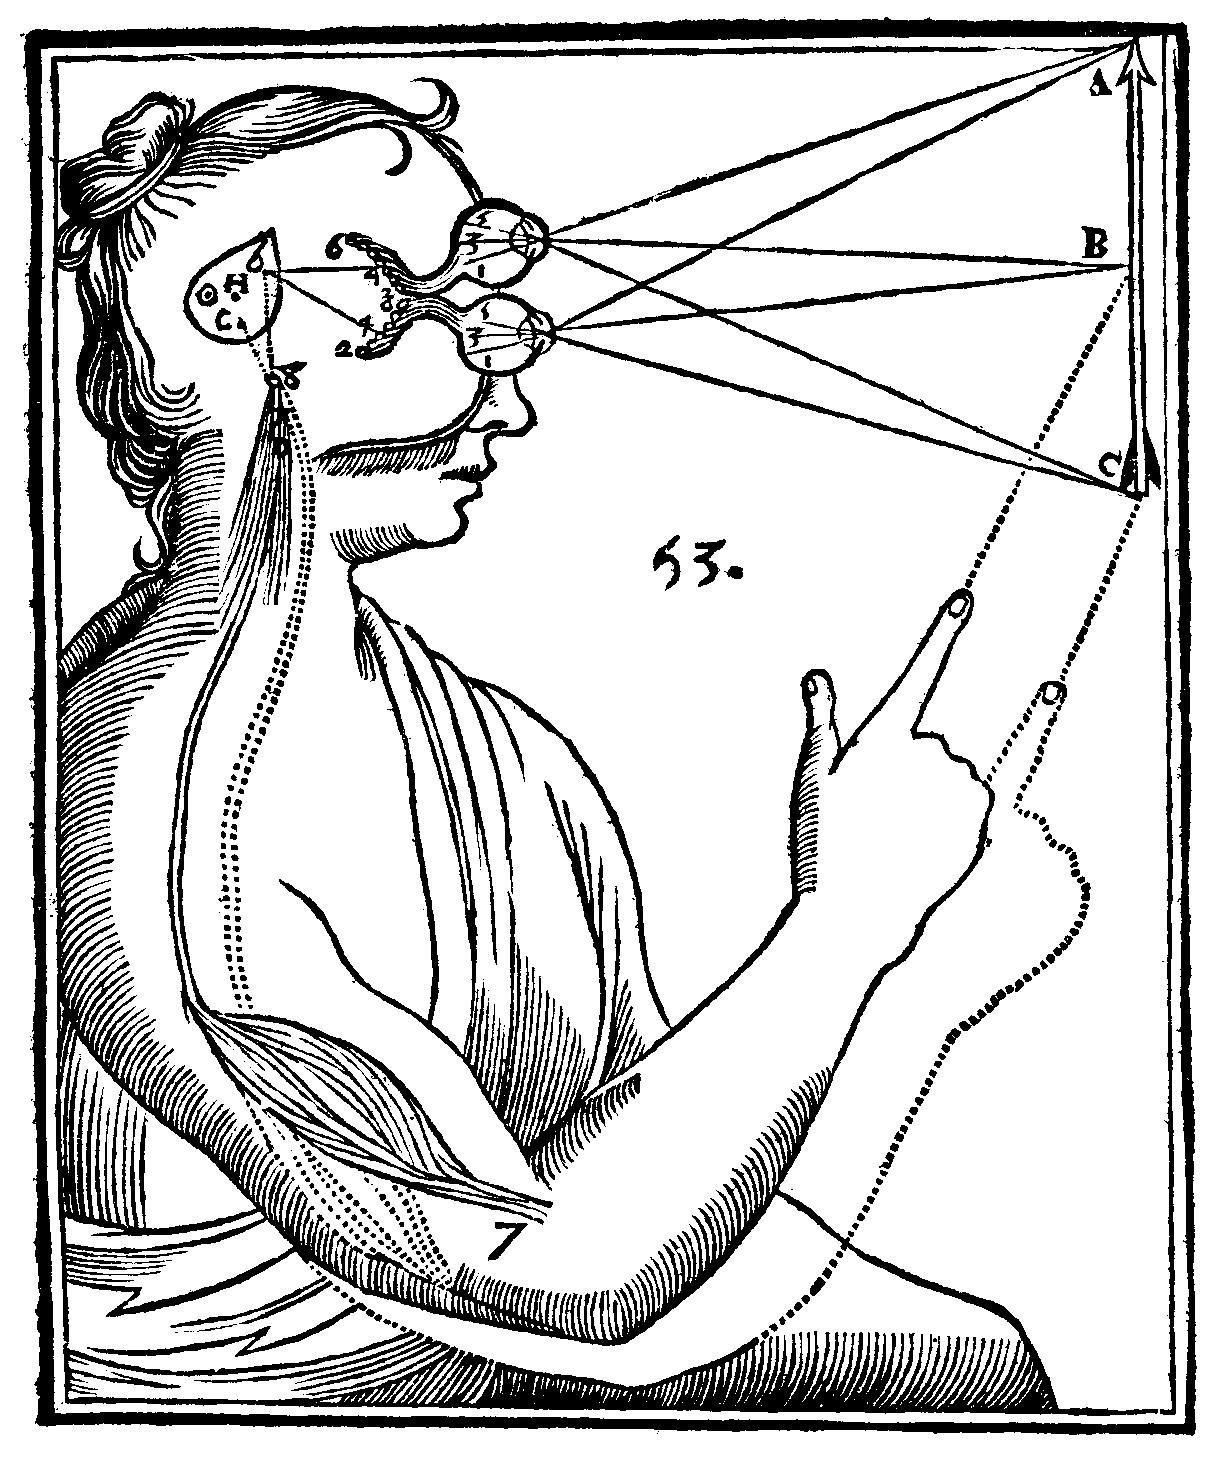 Descartes 1662